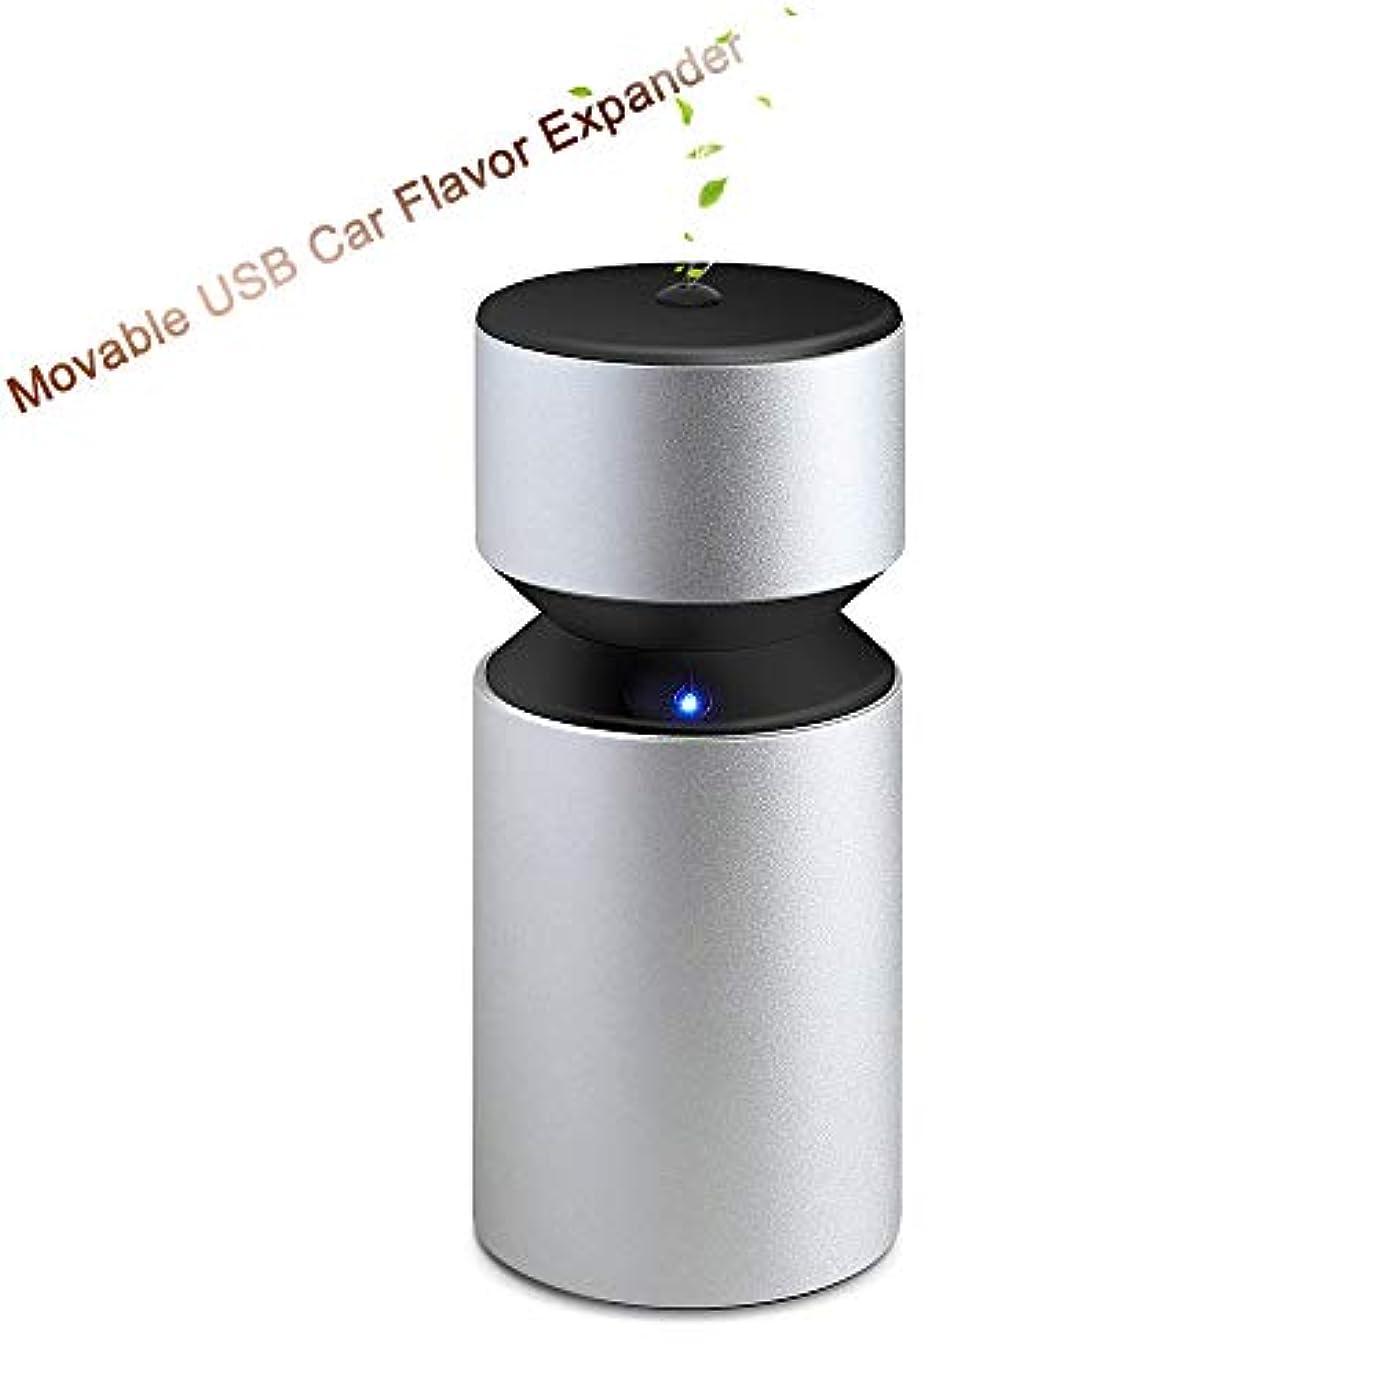 ゼリー教室正当化する車のアロマセラピーマシン、USB充電車のアロマセラピーマシン、ミニ3.0 USB充電式アロマセラピーアロマ用充電式ネブライザー